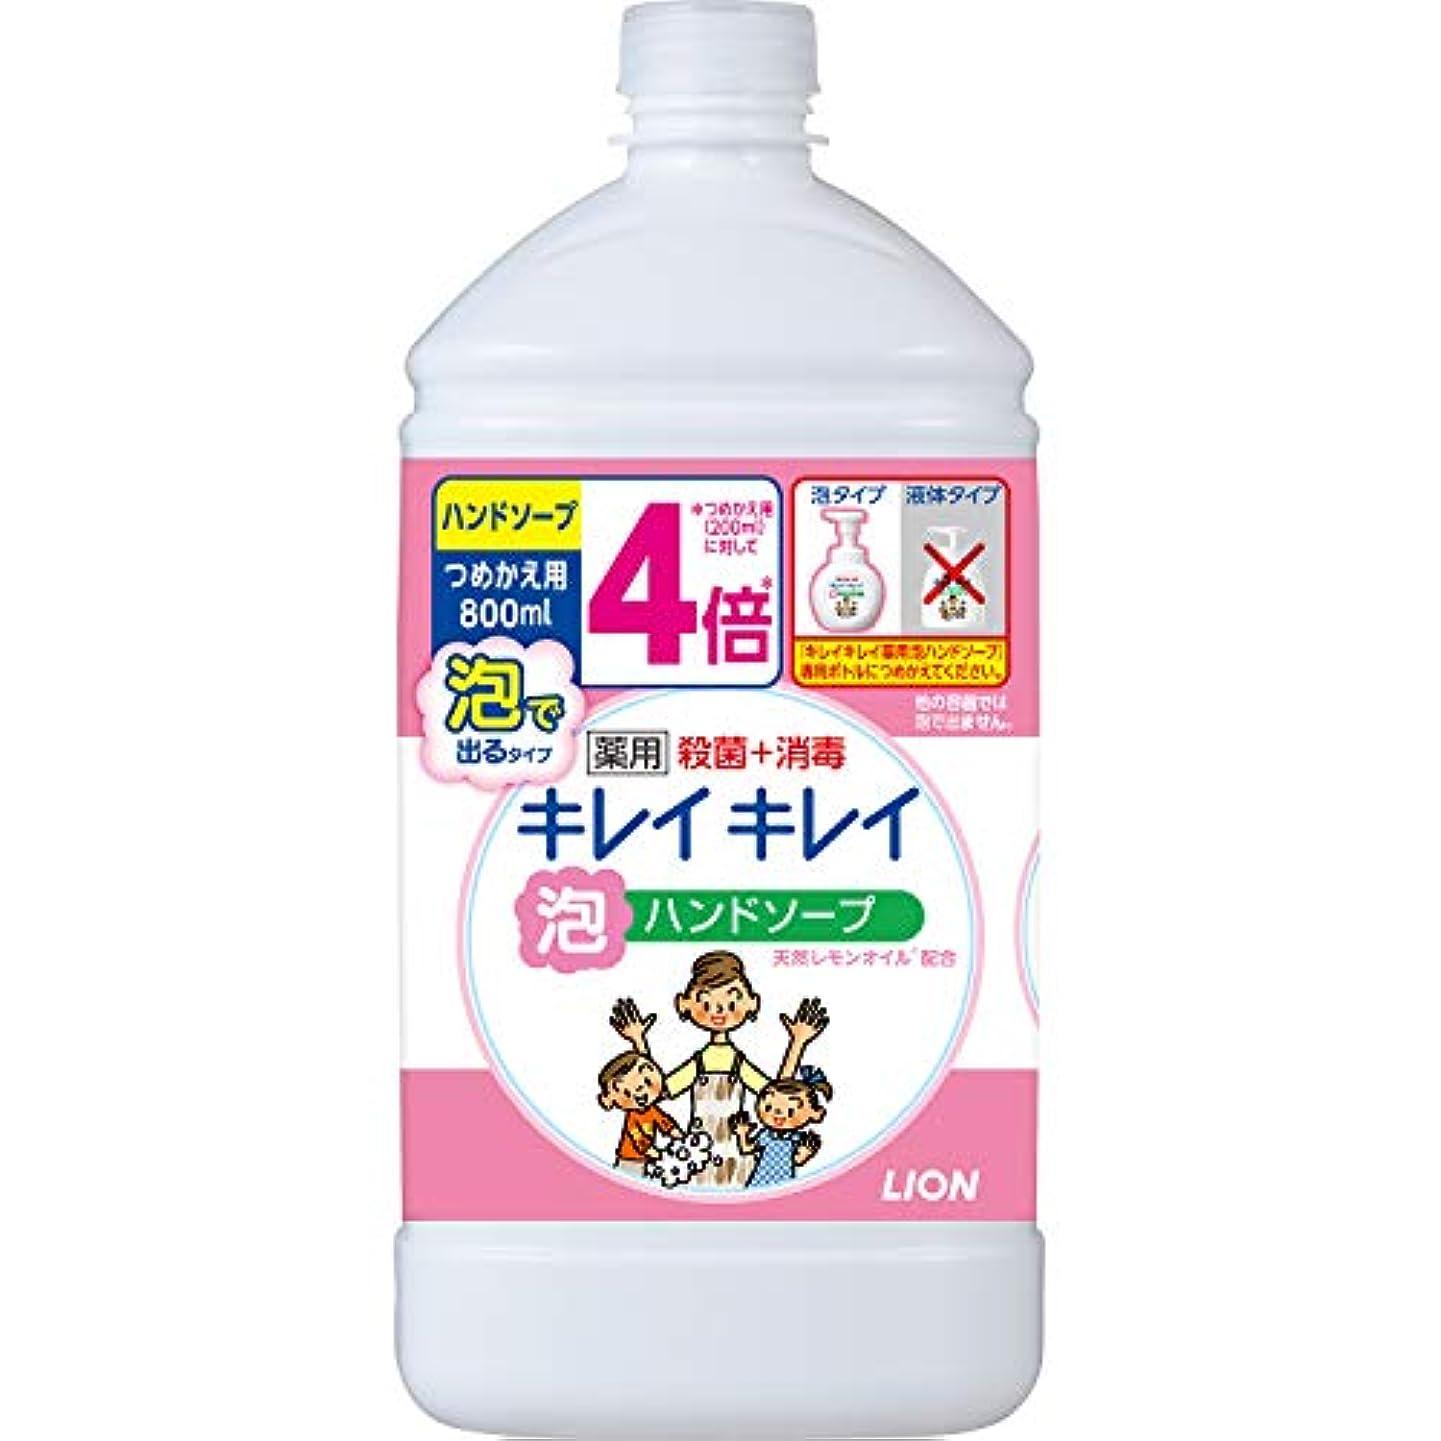 パントリーサーバ薄い(医薬部外品)【大容量】キレイキレイ 薬用 泡ハンドソープ シトラスフルーティの香り 詰替特大 800ml